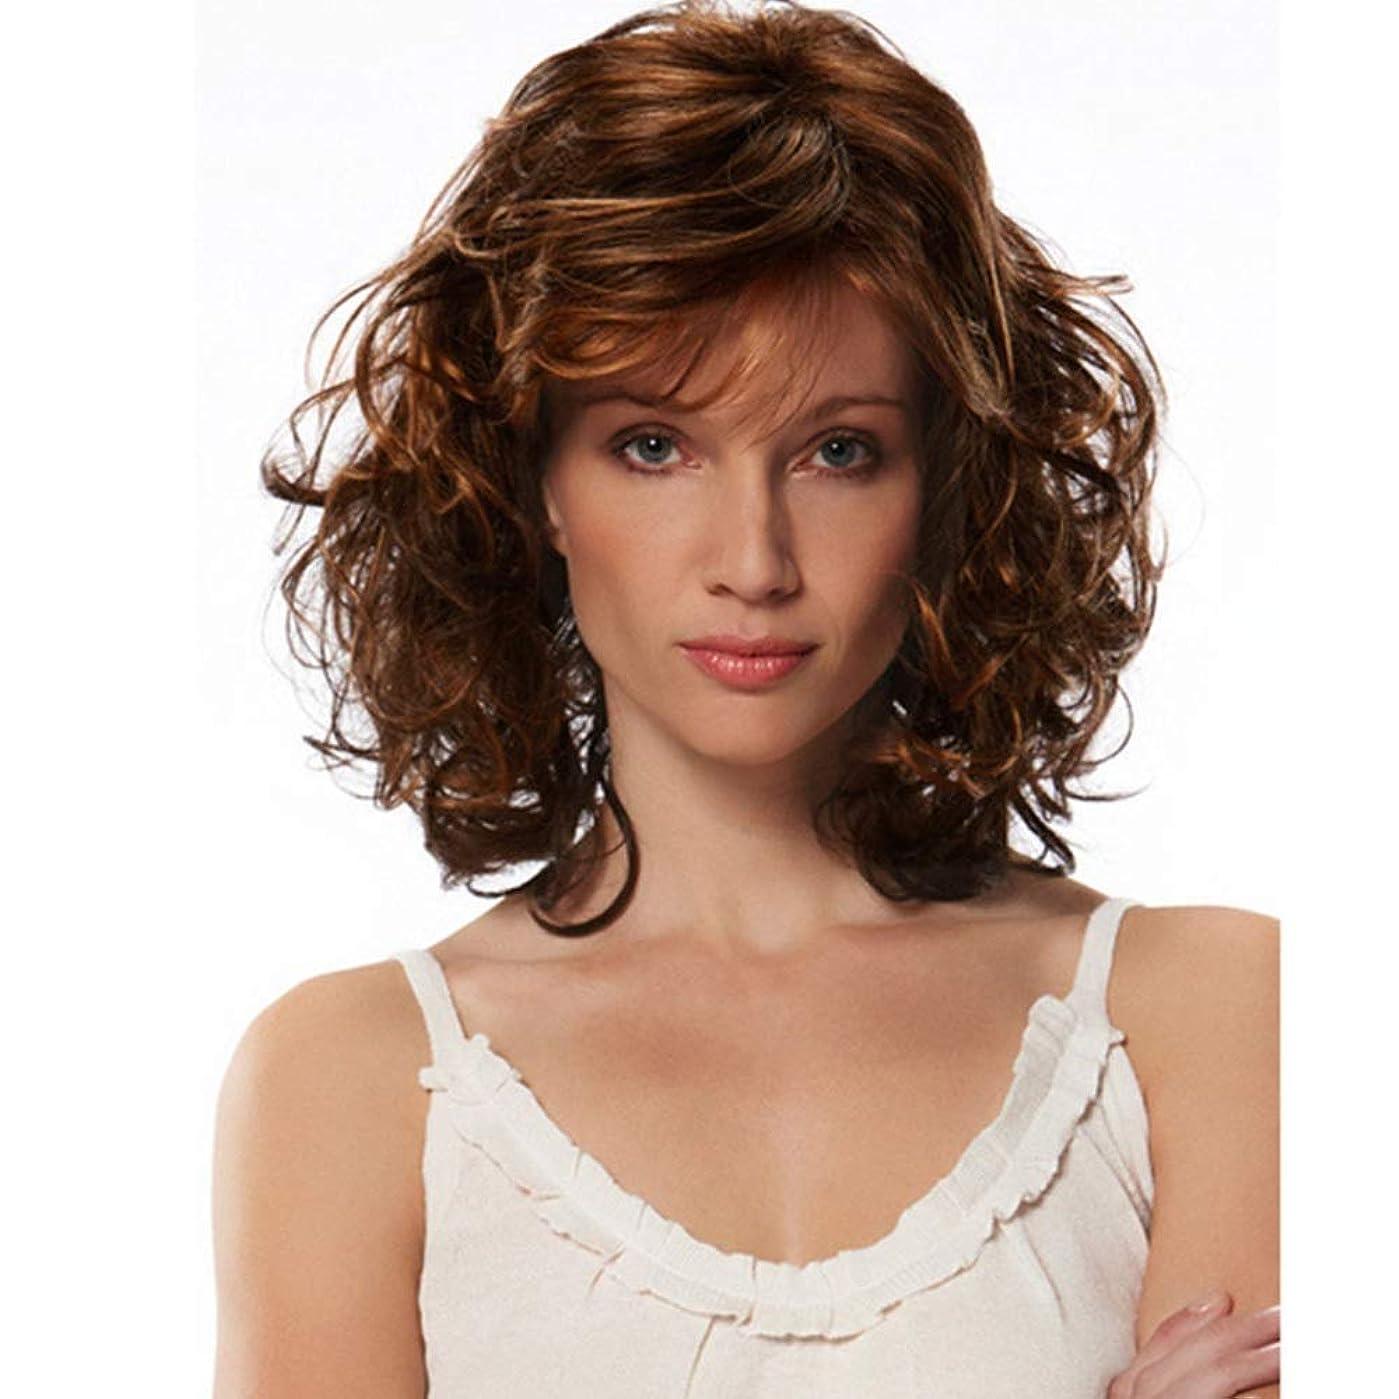 バランスのとれた委託泣いているYrattary 中年の女性のための短い巻き毛の人工フルヘアウィッグ (色 : ブラウン)